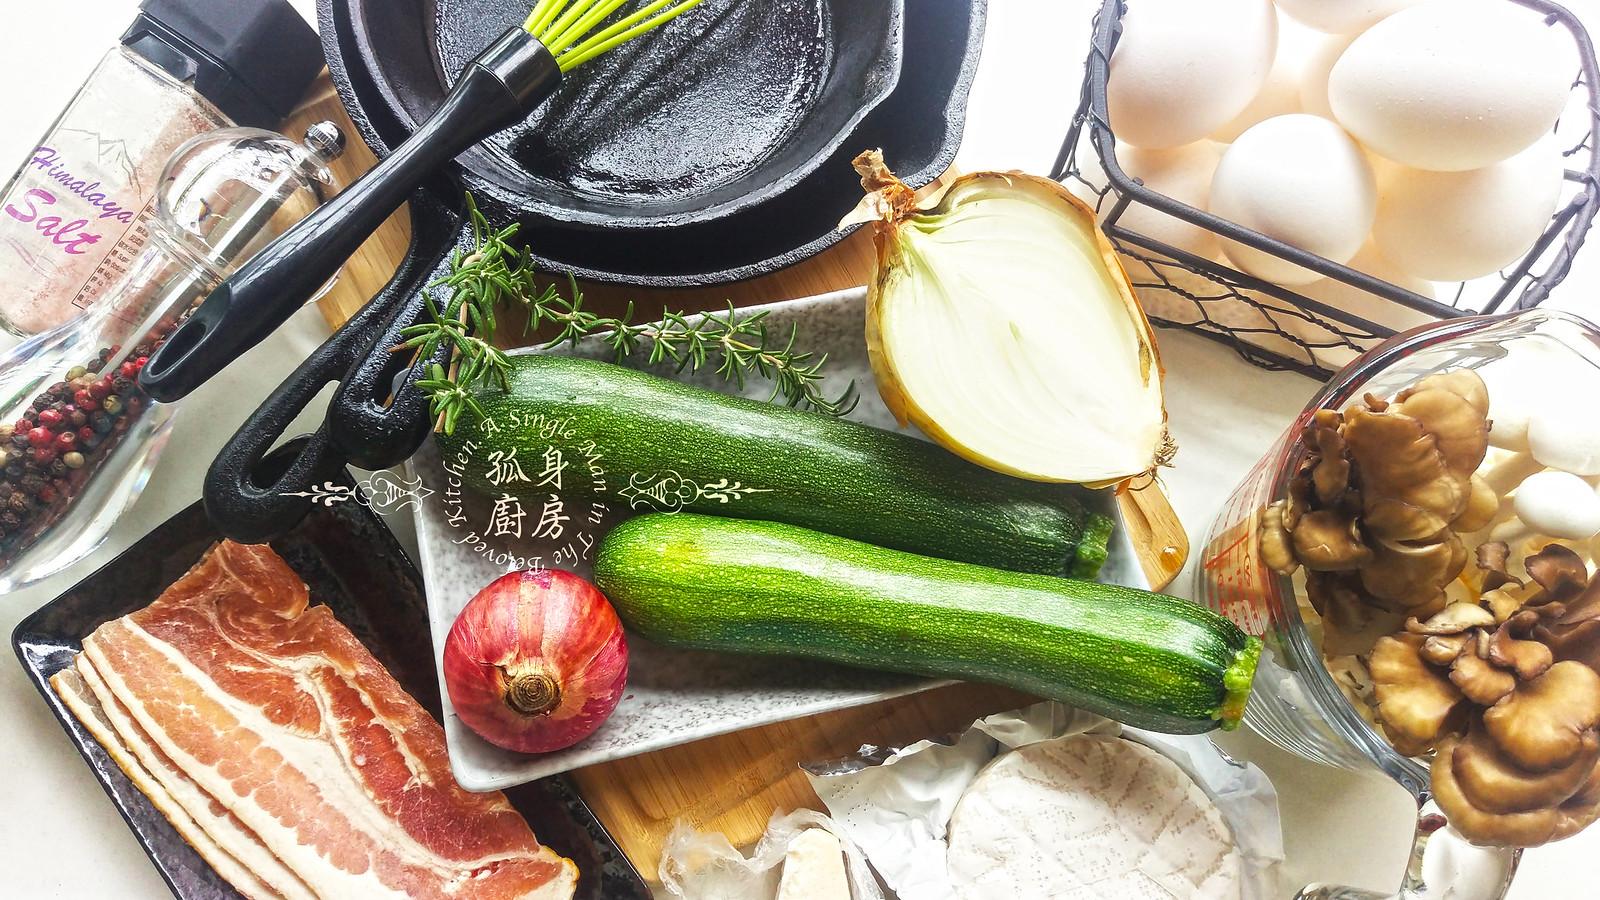 孤身廚房-清冰箱簡單早午餐!培根野菇櫛瓜義式烘蛋Frittata3